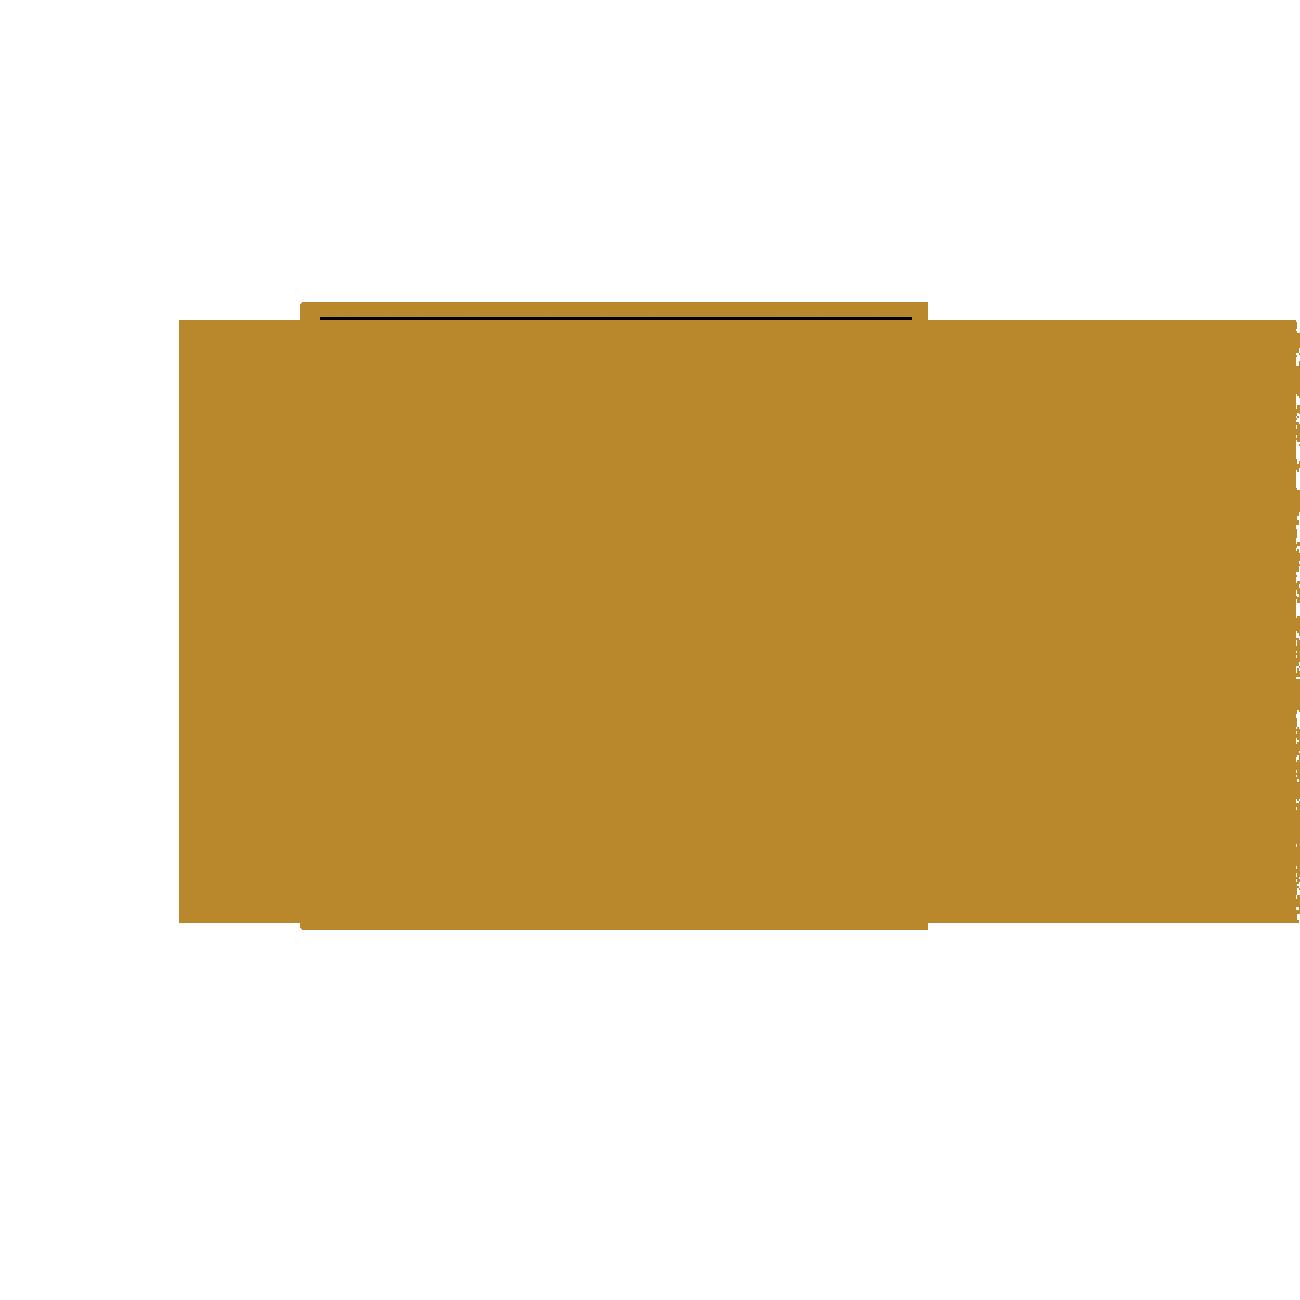 josue dersoir's Signature